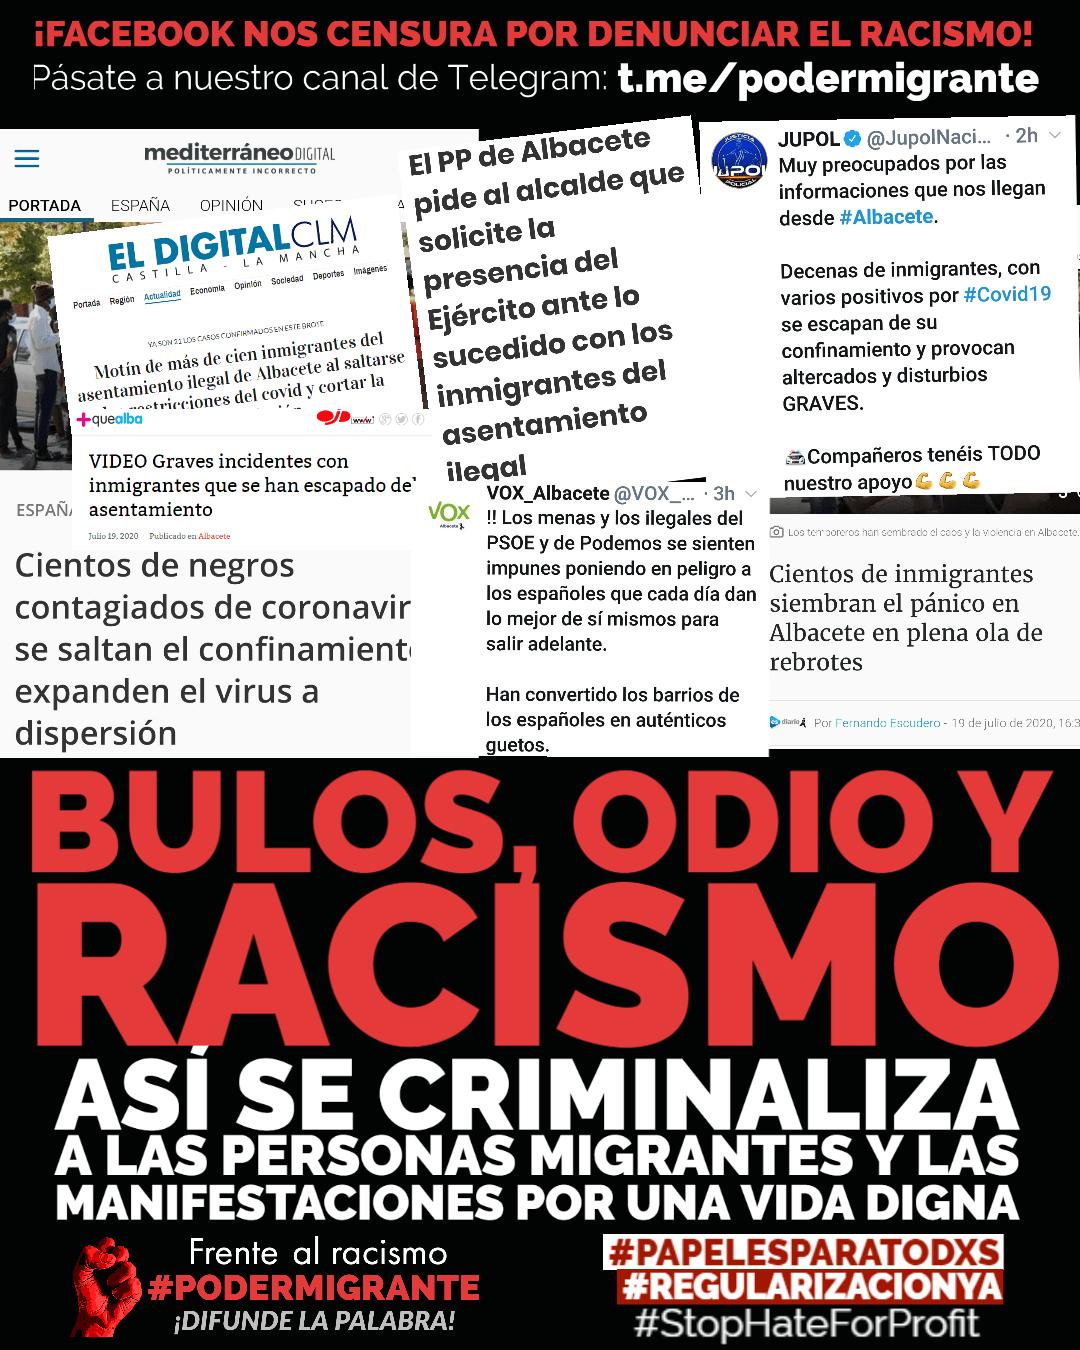 BULOS, ODIO Y RACISMO